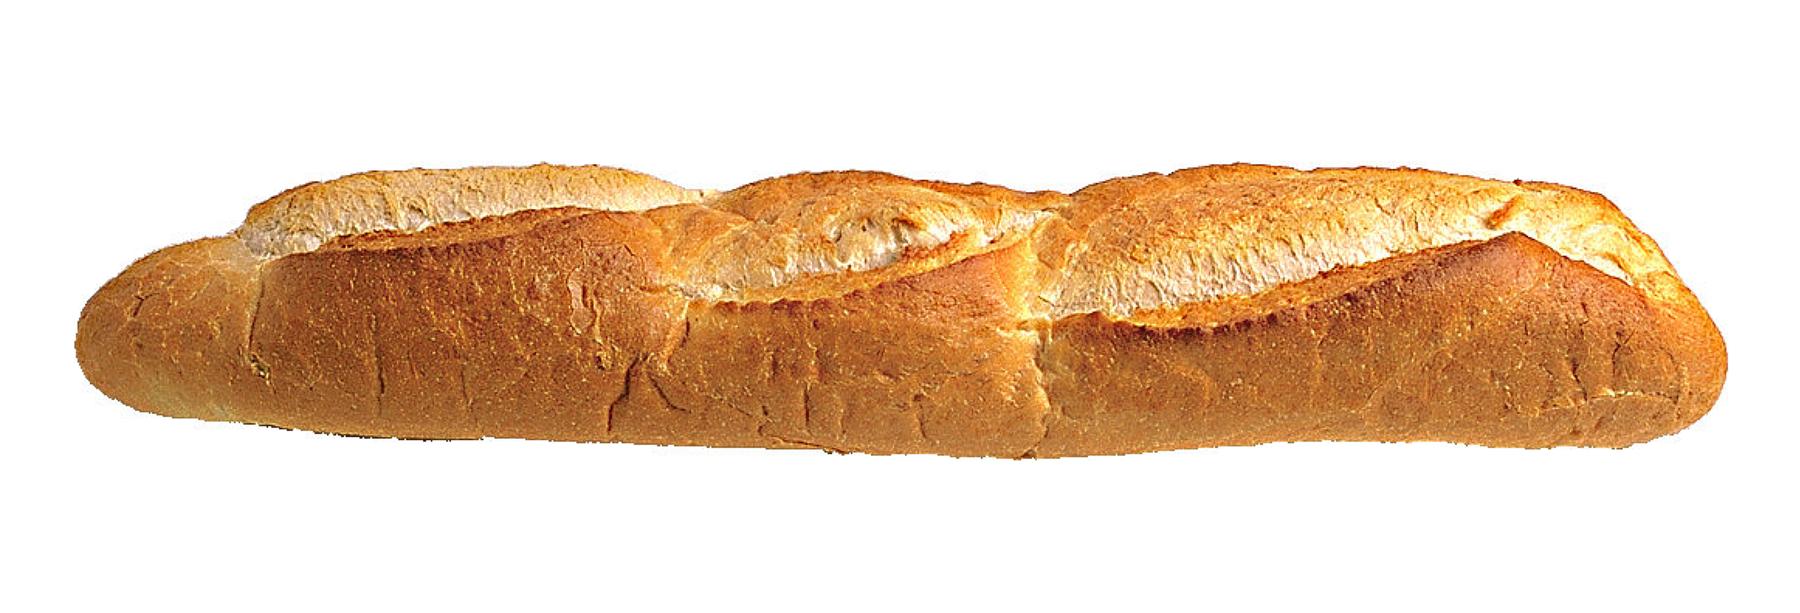 Long Loaf Bread Png Image Loaf Bread Bread Loaf